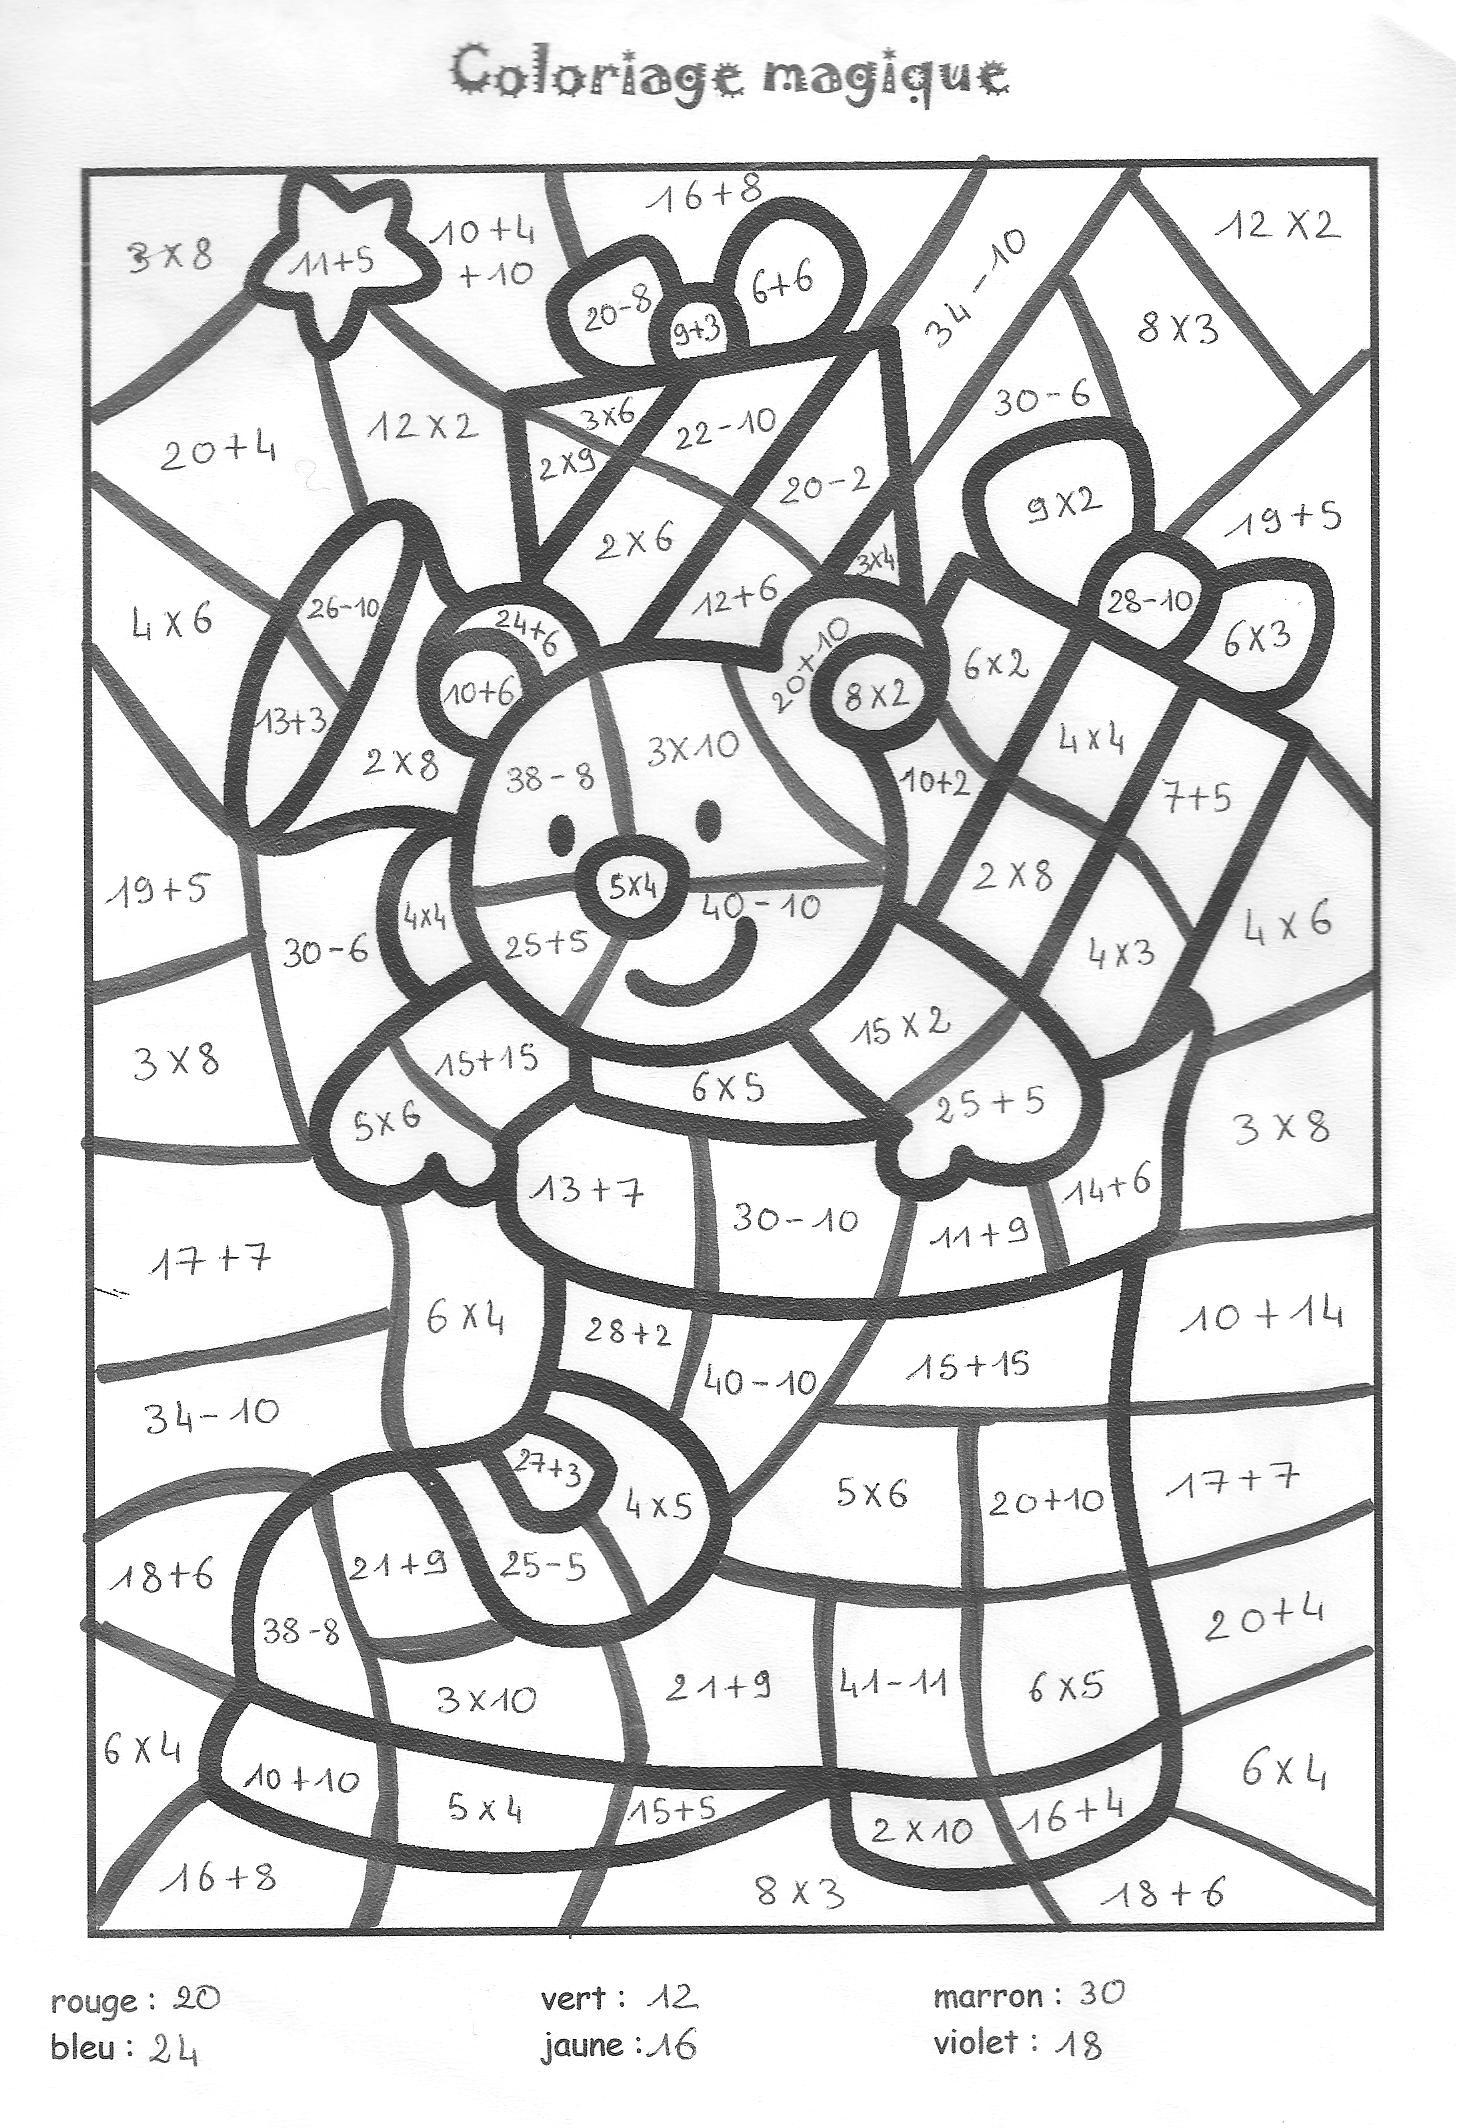 Bien connu 121 dessins de coloriage Magique Ce1 à imprimer PK41